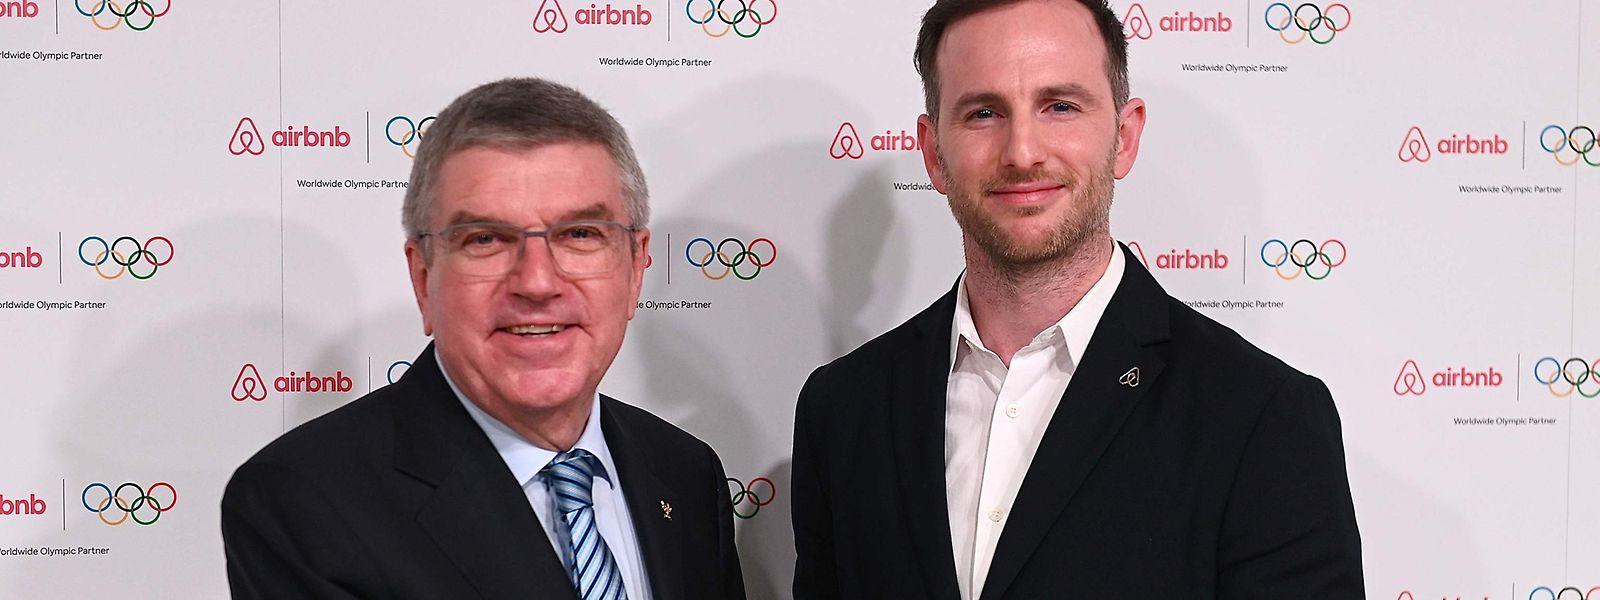 IOC-Präsident Thomas Bach (l.) posiert mit dem Airbnb-Mitgründer Joe Gebbia.